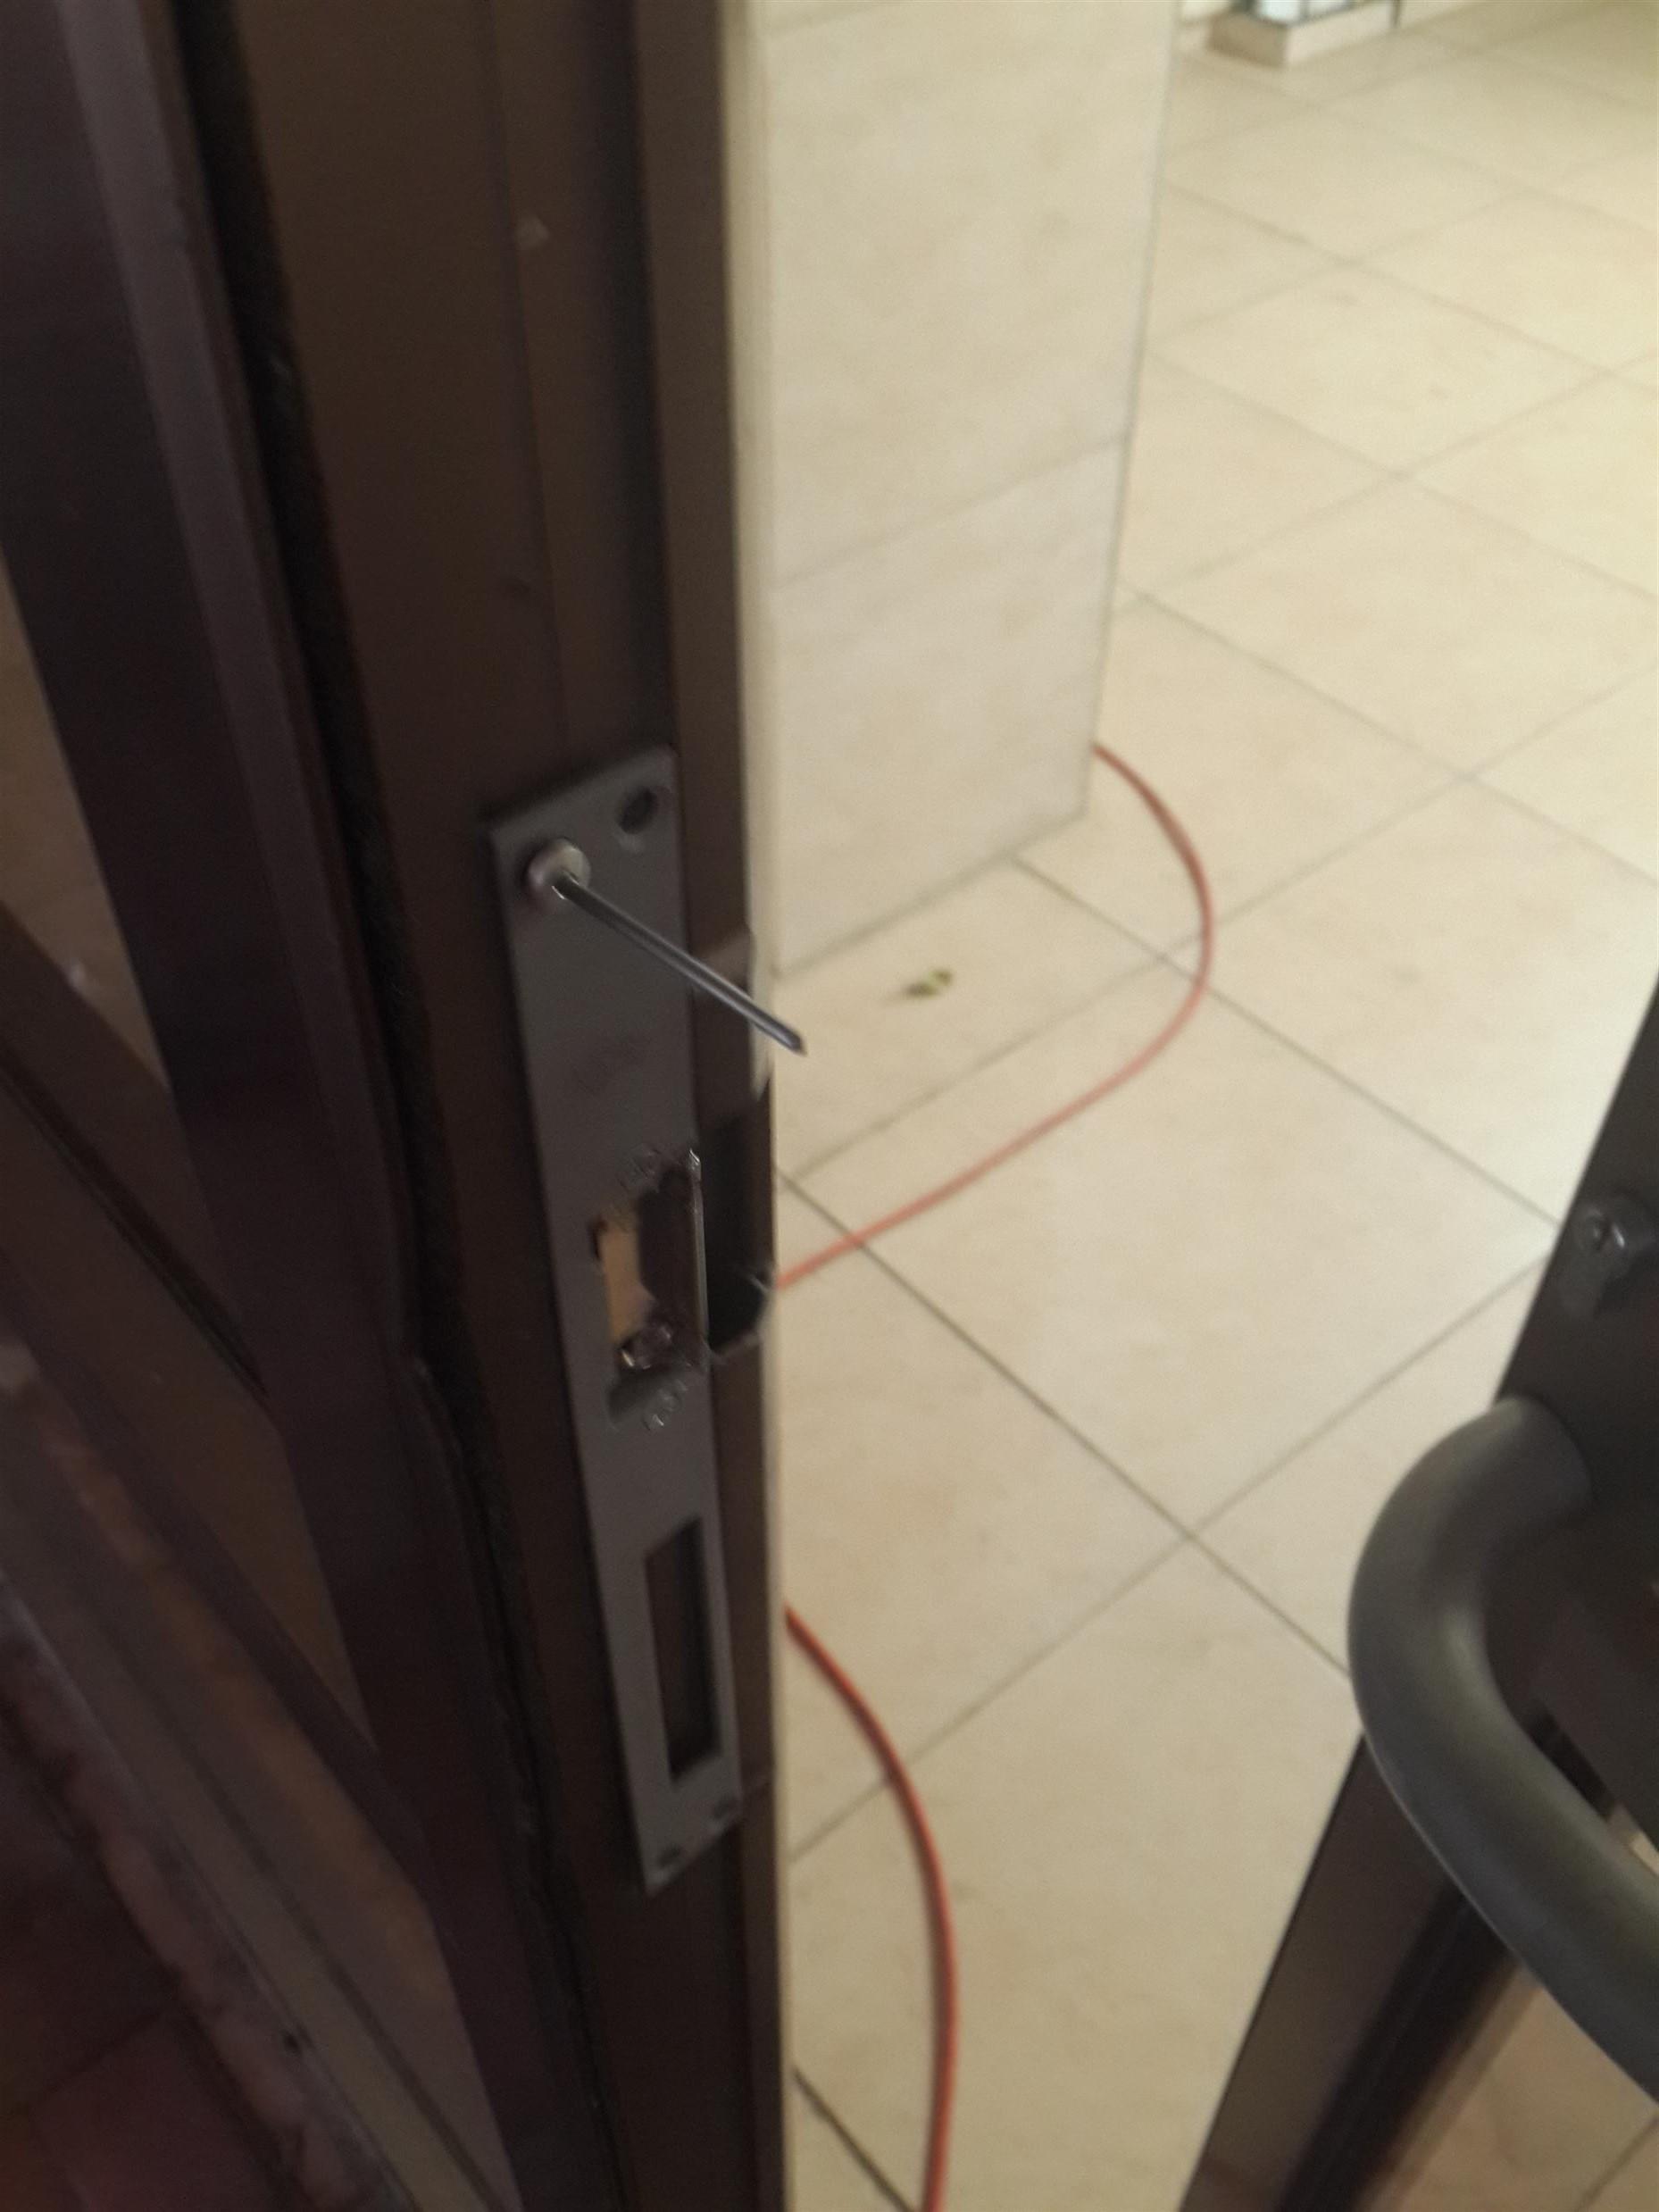 התקנת מנעול חשמלי עם ניטים